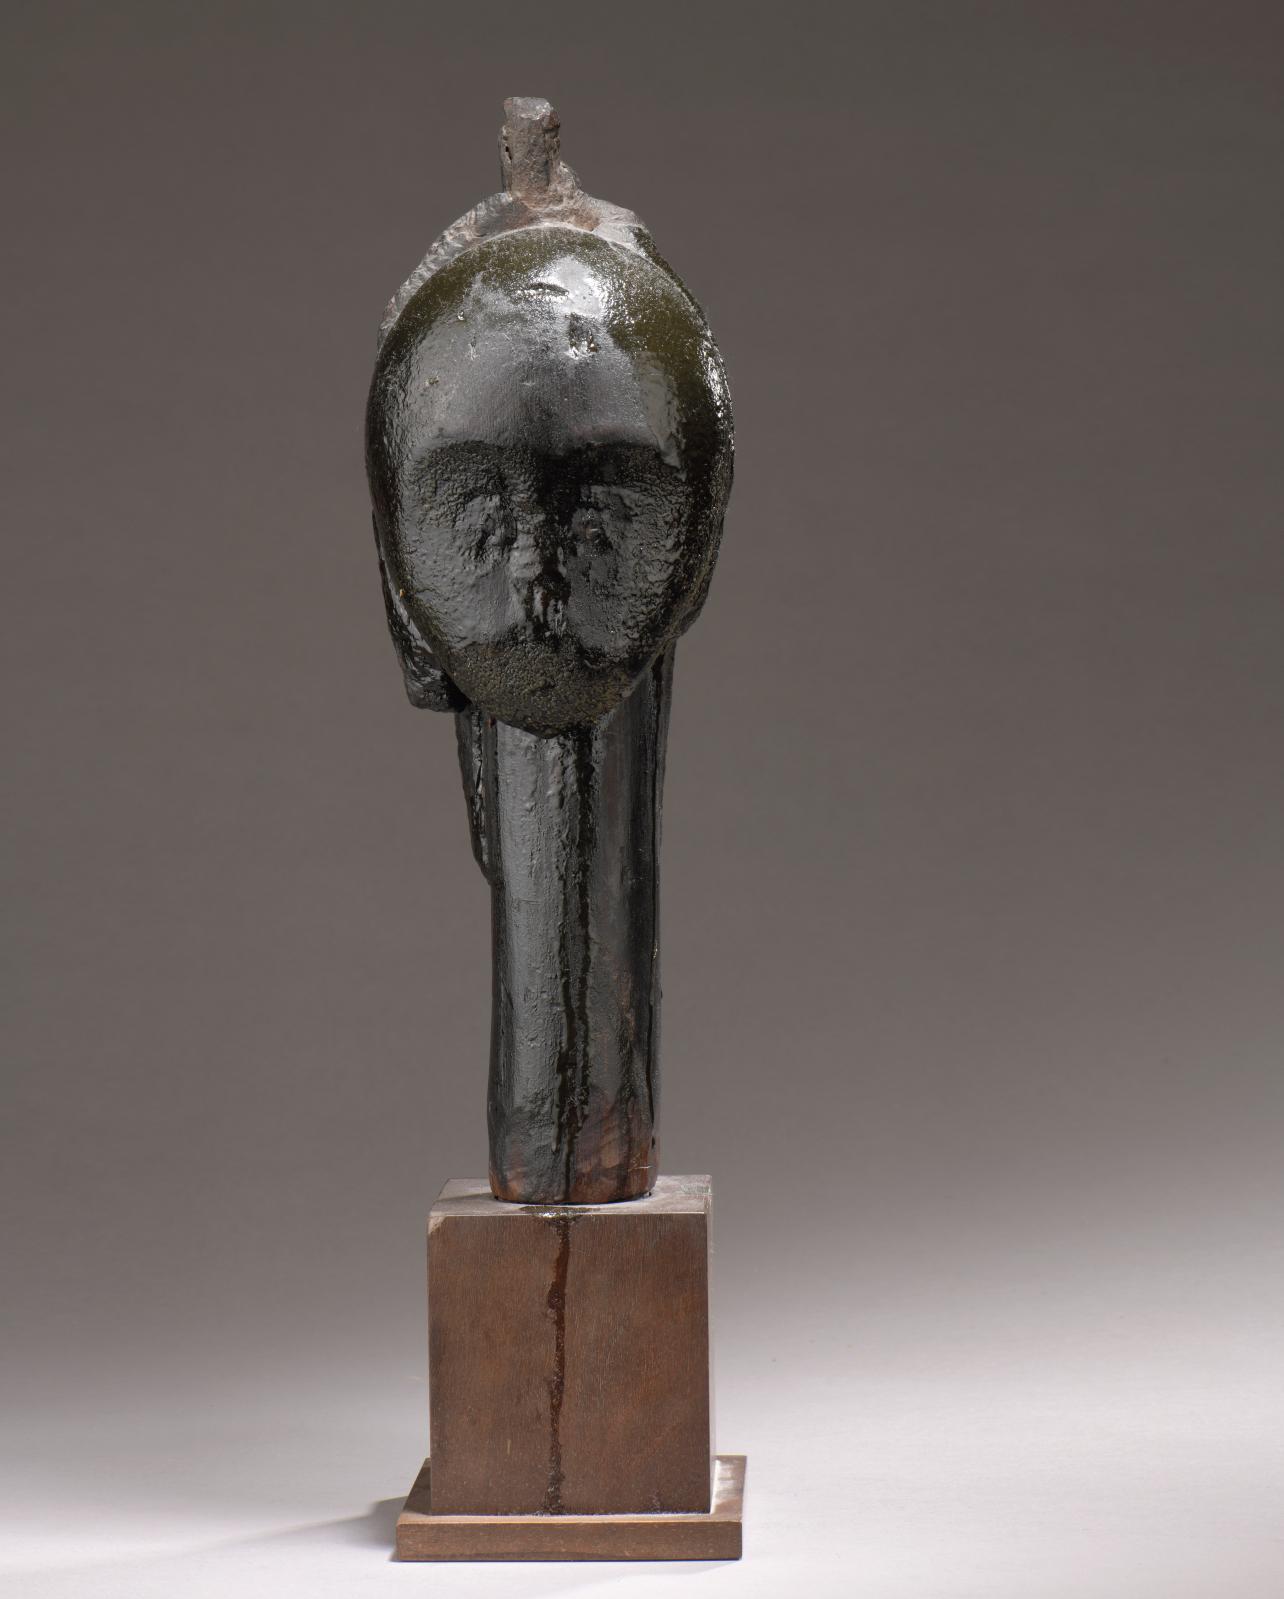 Tête fang, Gabon, bois, profonde patine suintante, h.42cm. Estimation: 50000/80000€